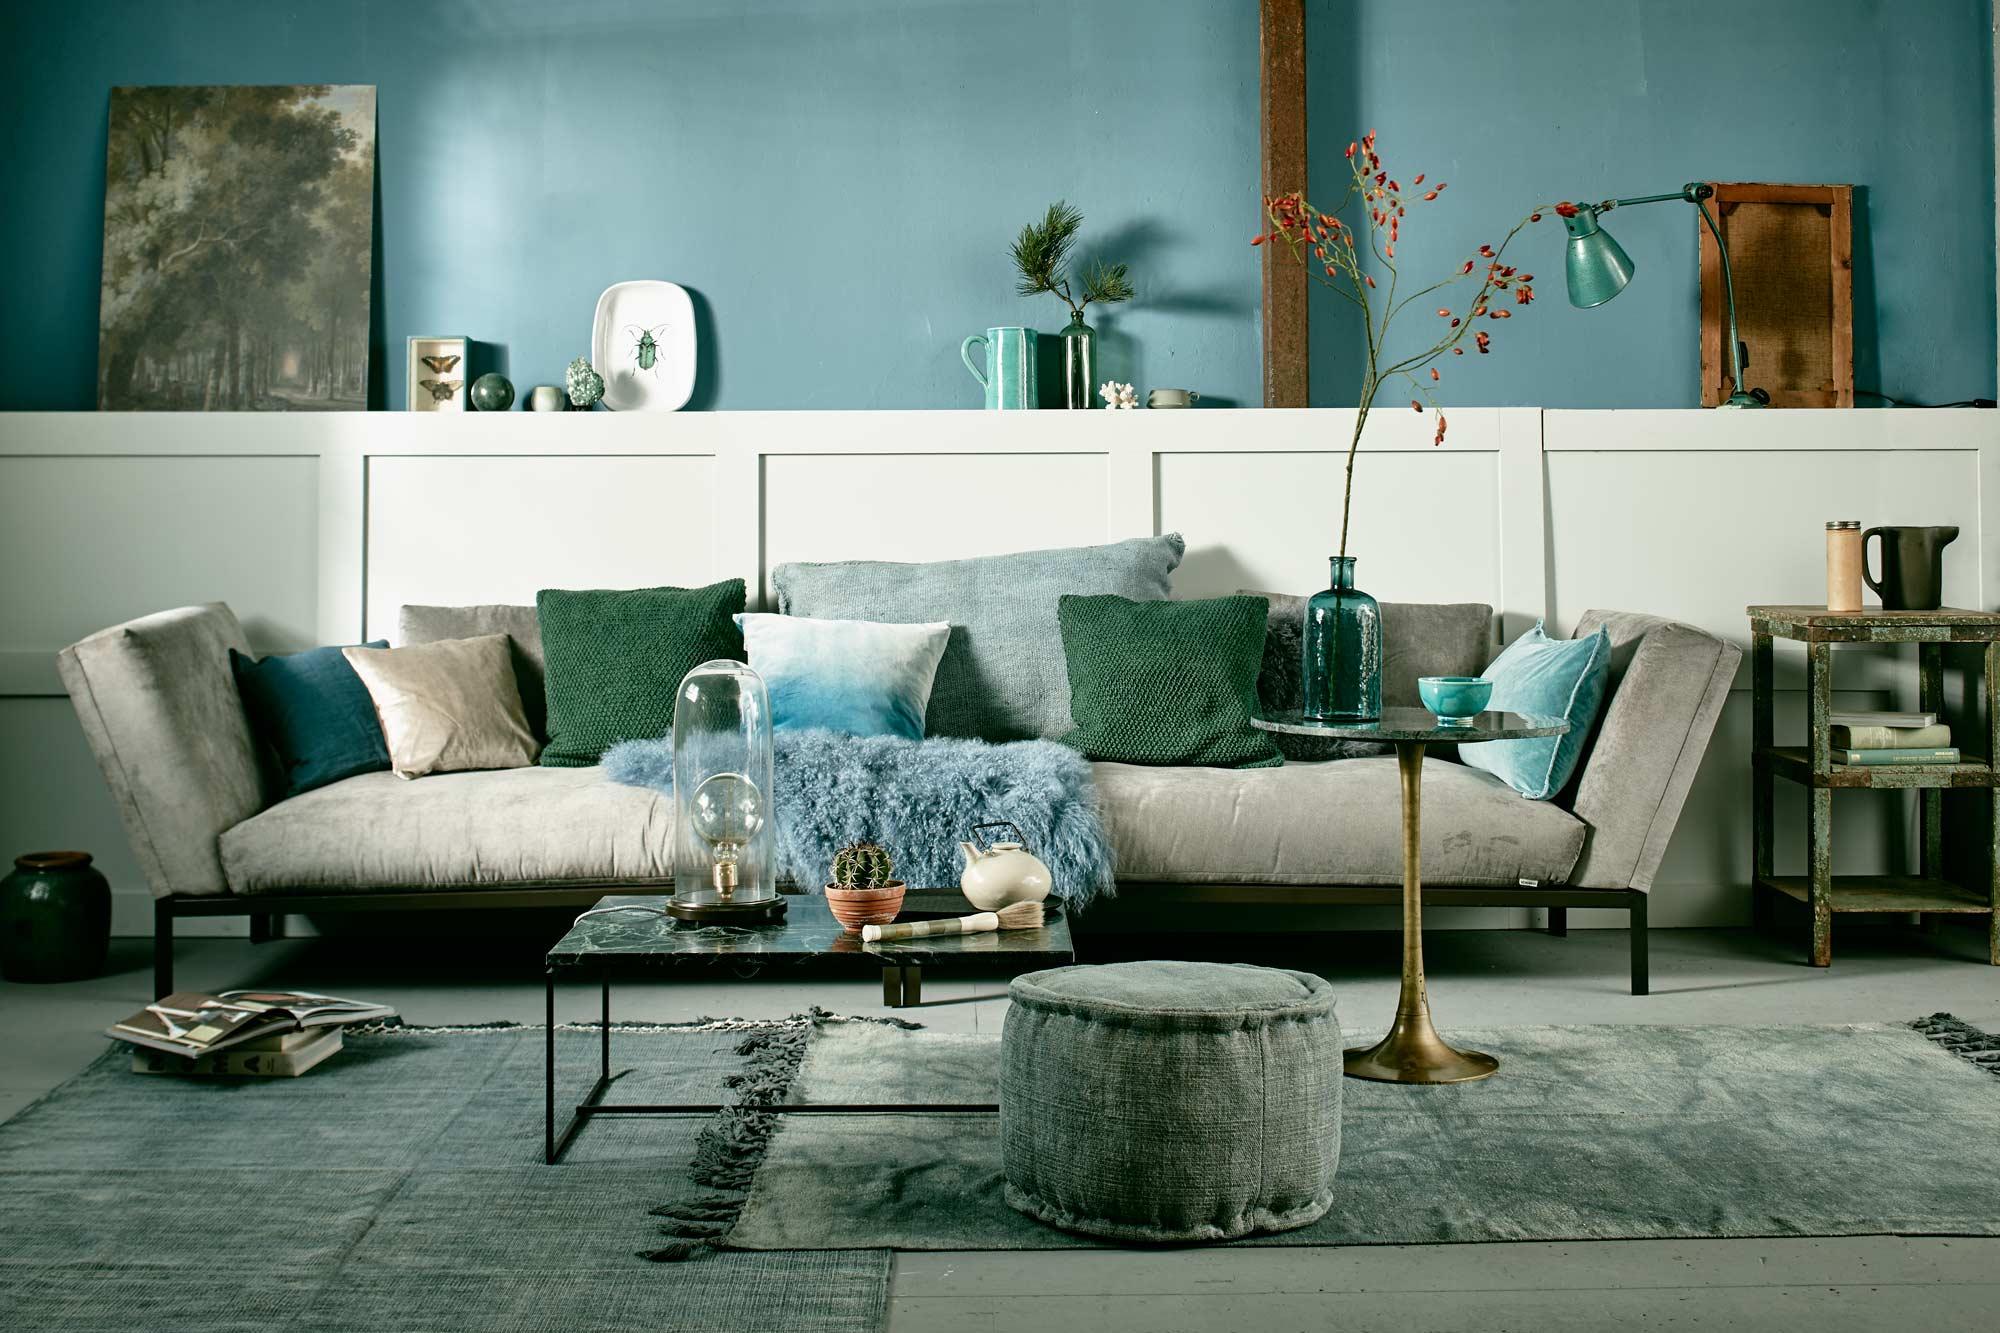 Behang Slaapkamer Blauw.Groentinten In Huis Vtwonen Be